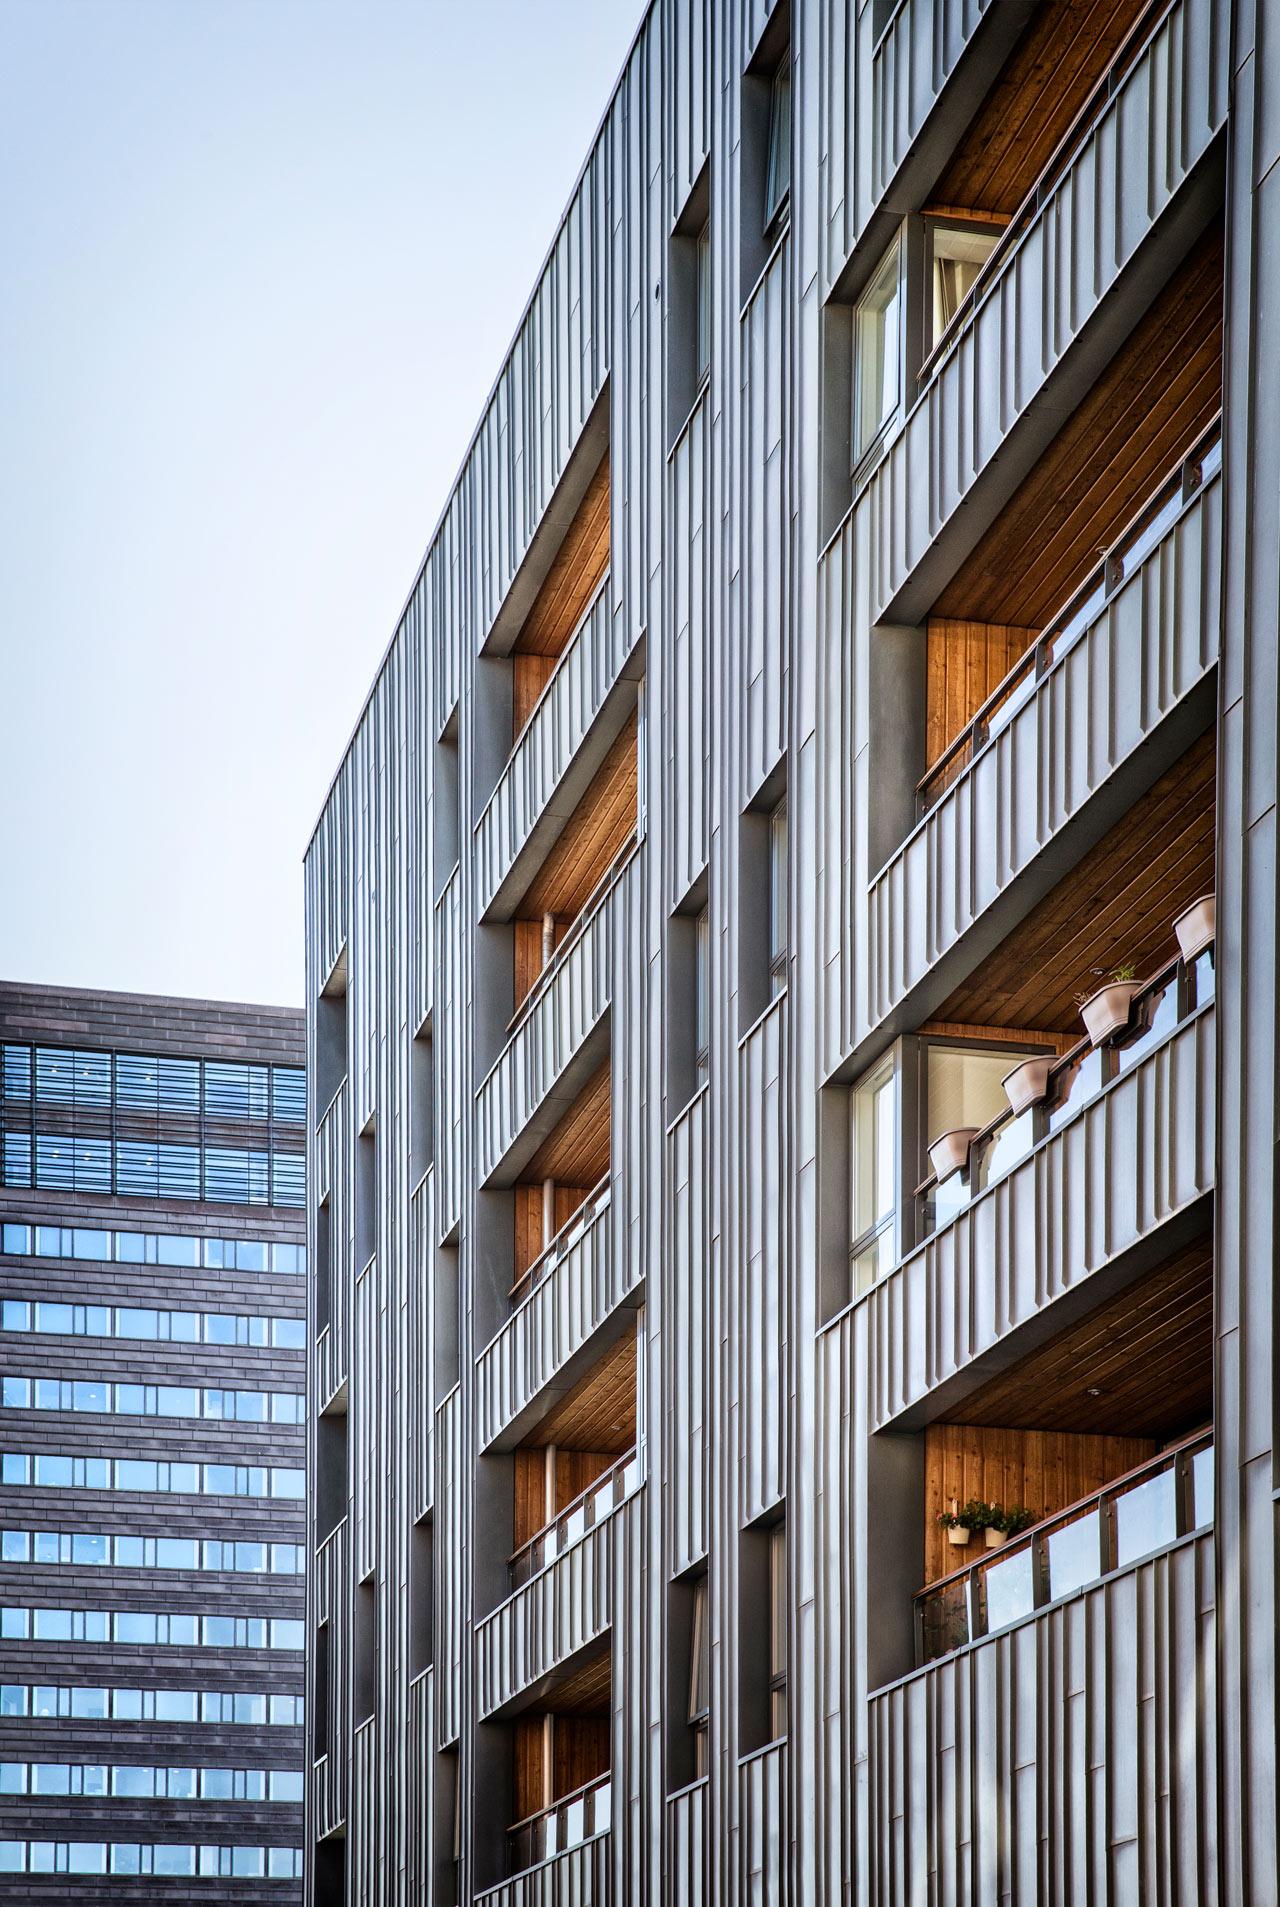 Zinkhuset, lejeligheder, airbnb, nordhavn, arkitekturfotograf, københavn